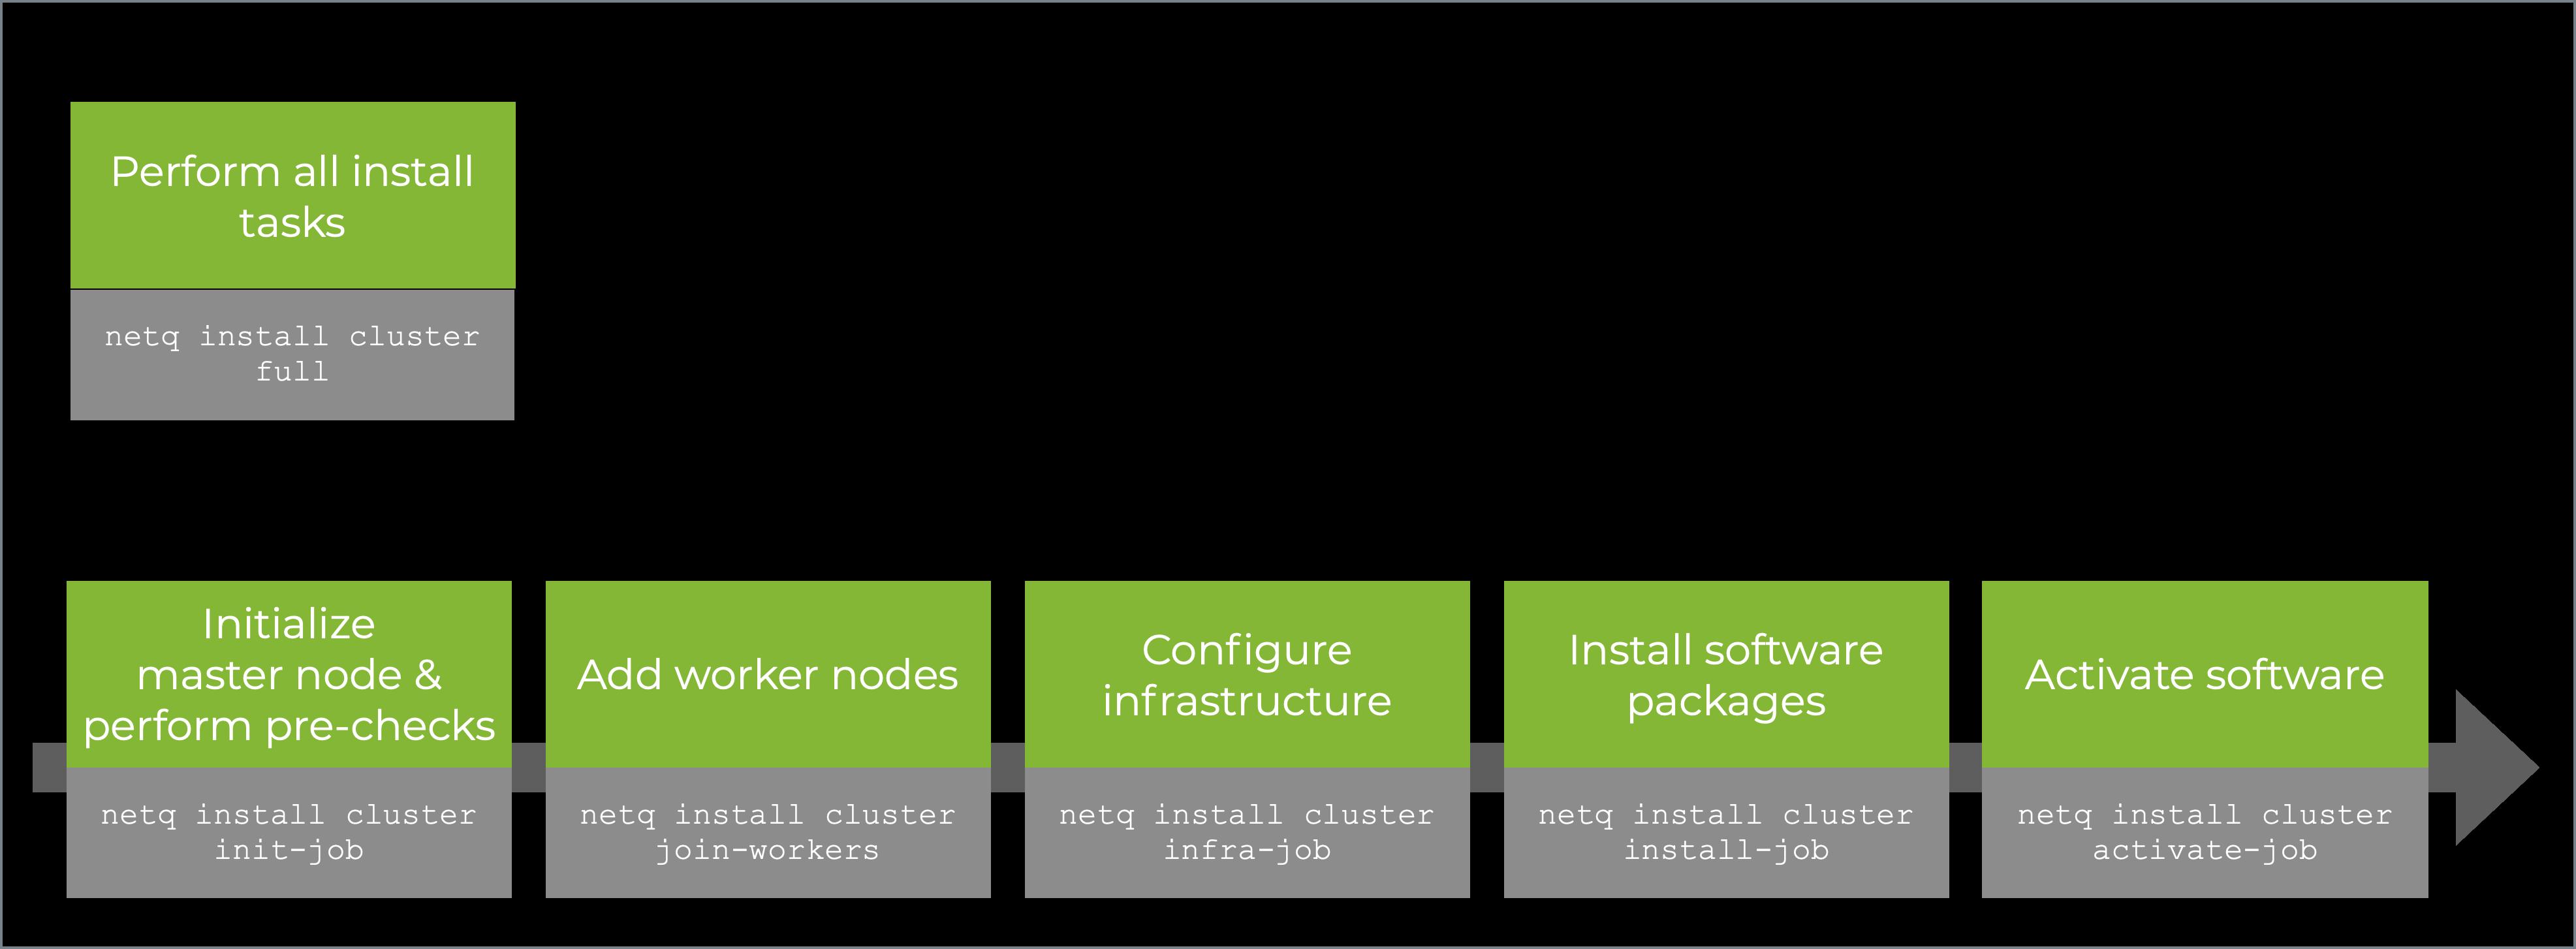 On-premises server cluster